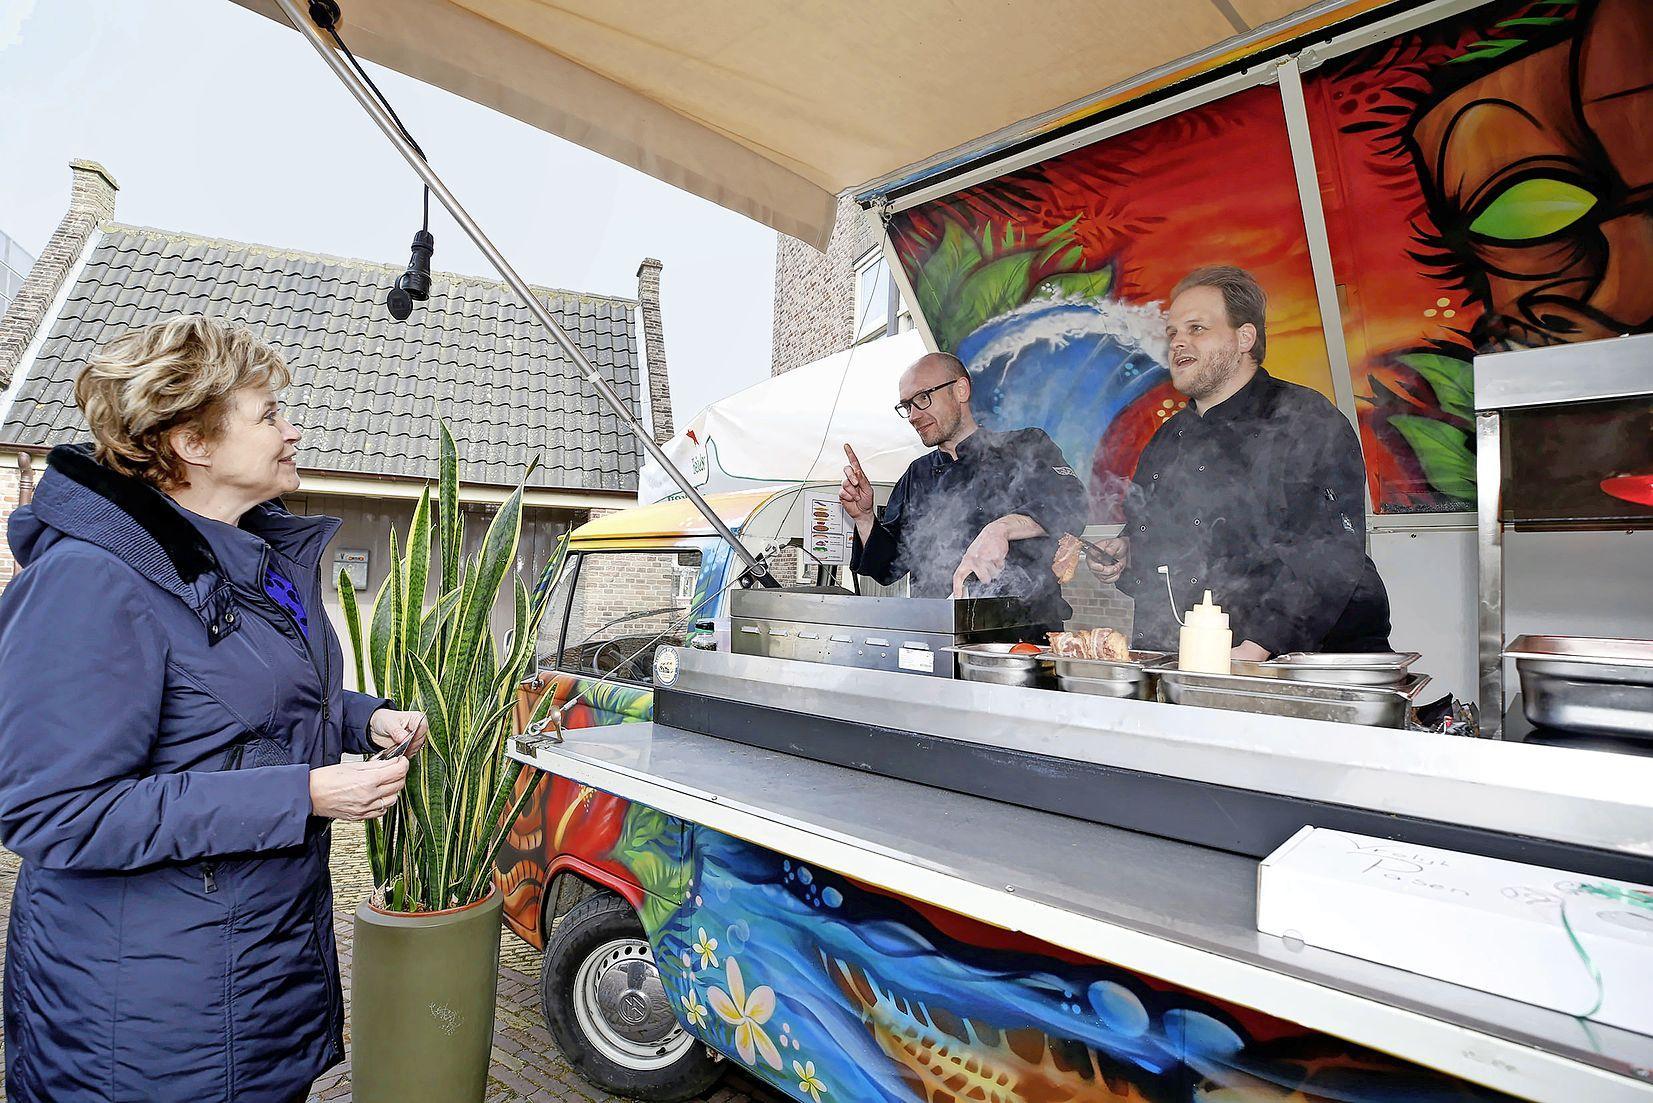 Burgemeester van Schagen proeft de hamburger van topkok Robert Kranenborg